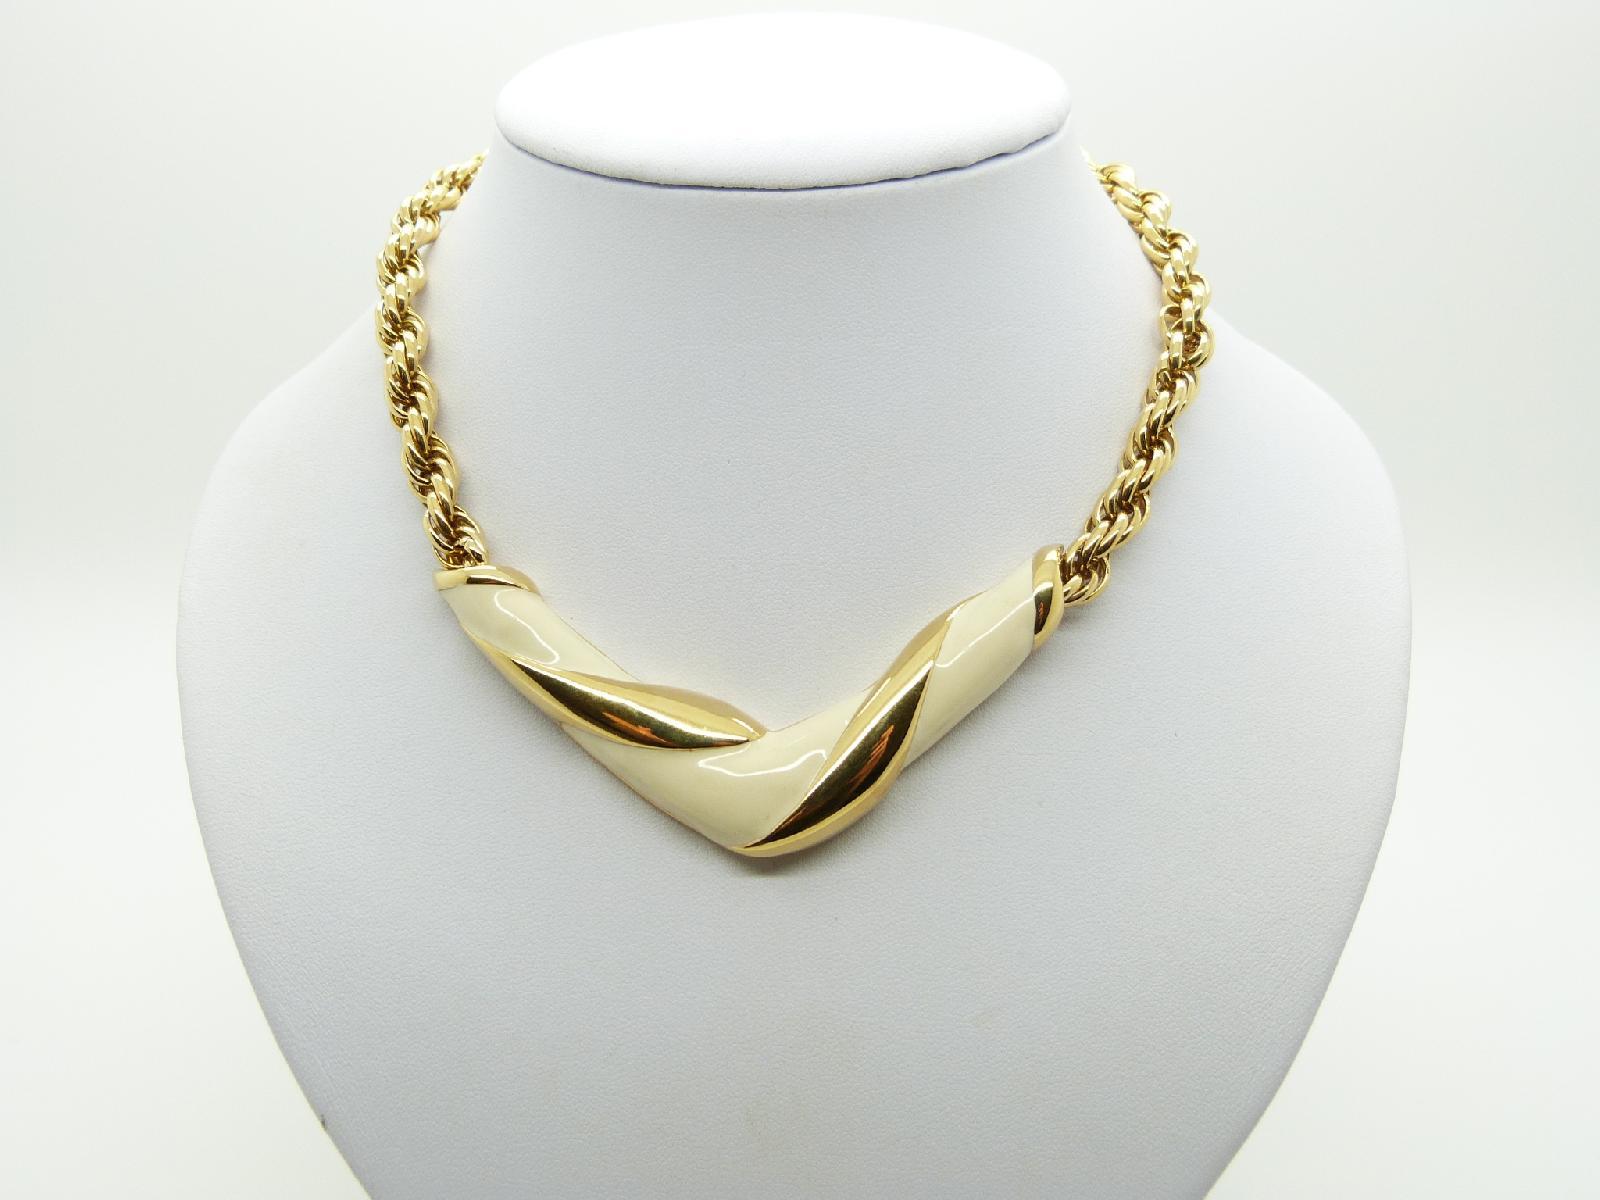 £24.00 - Vintage 80s Quality Designer Cream Enamel and Goldtone V Shaped Necklace